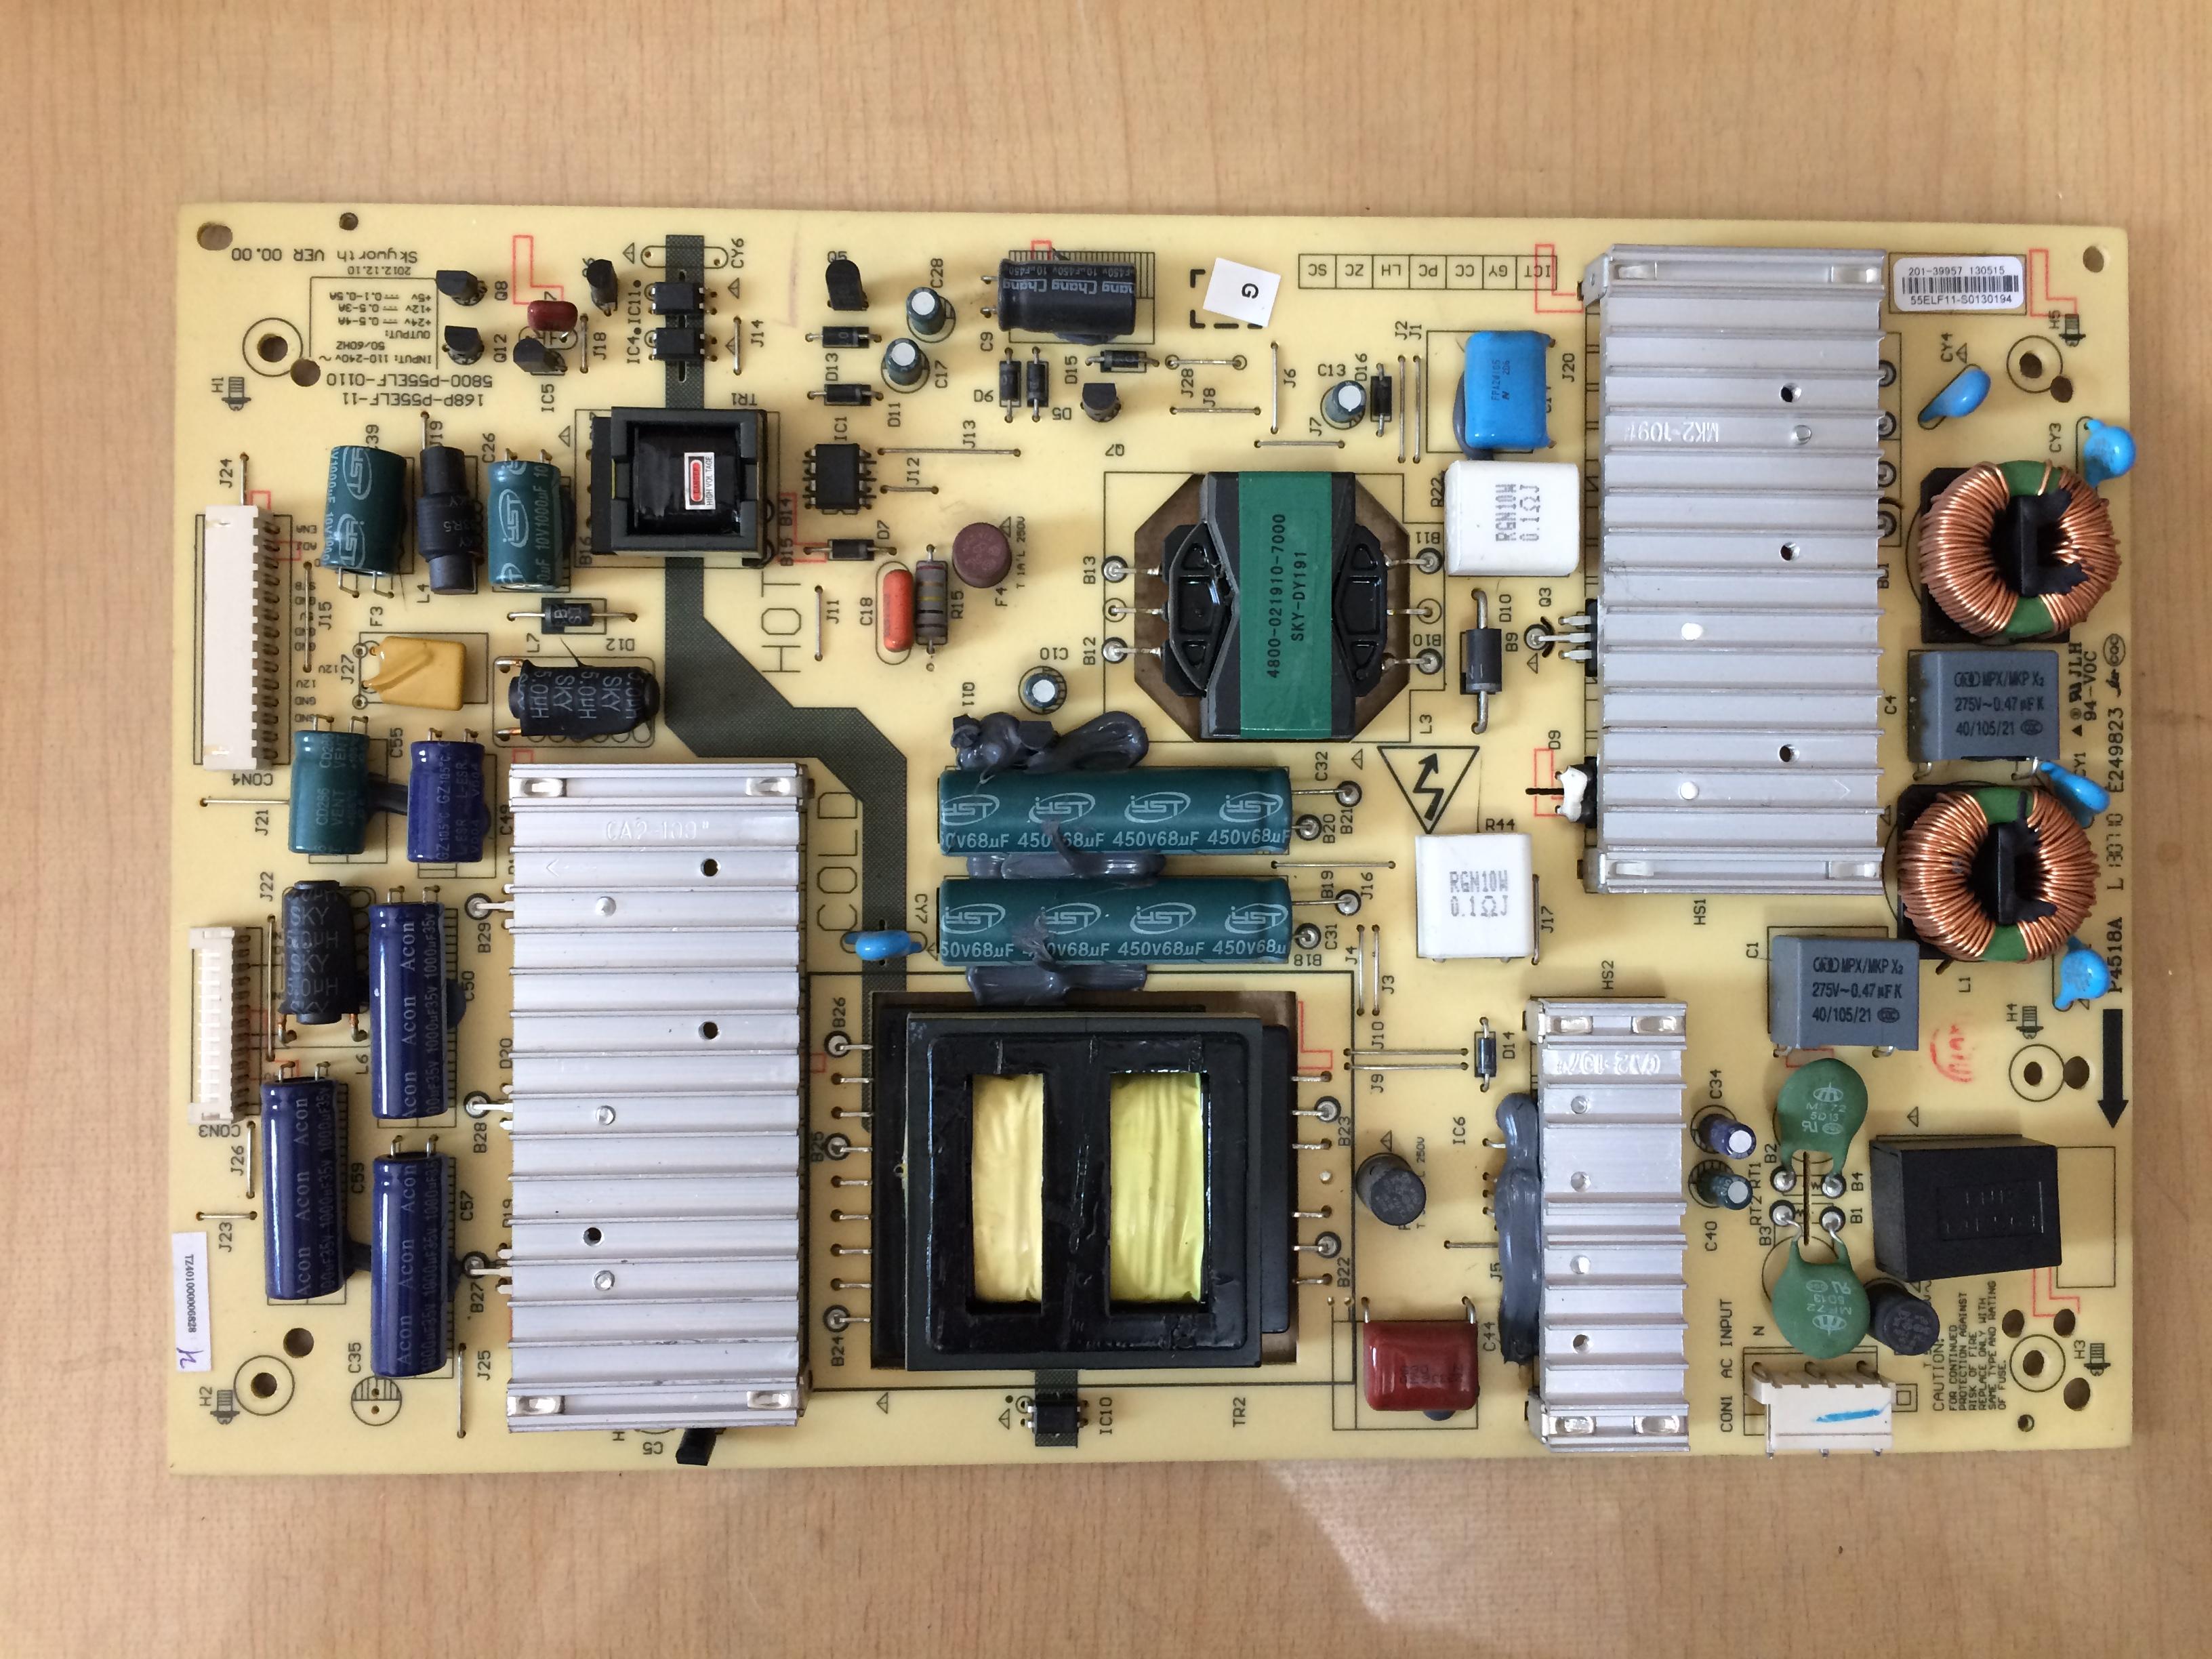 Skyworth LCD - TV 55E7BRE Power Board 168P-P55ELF-015800-P55ELF-0110 Lee